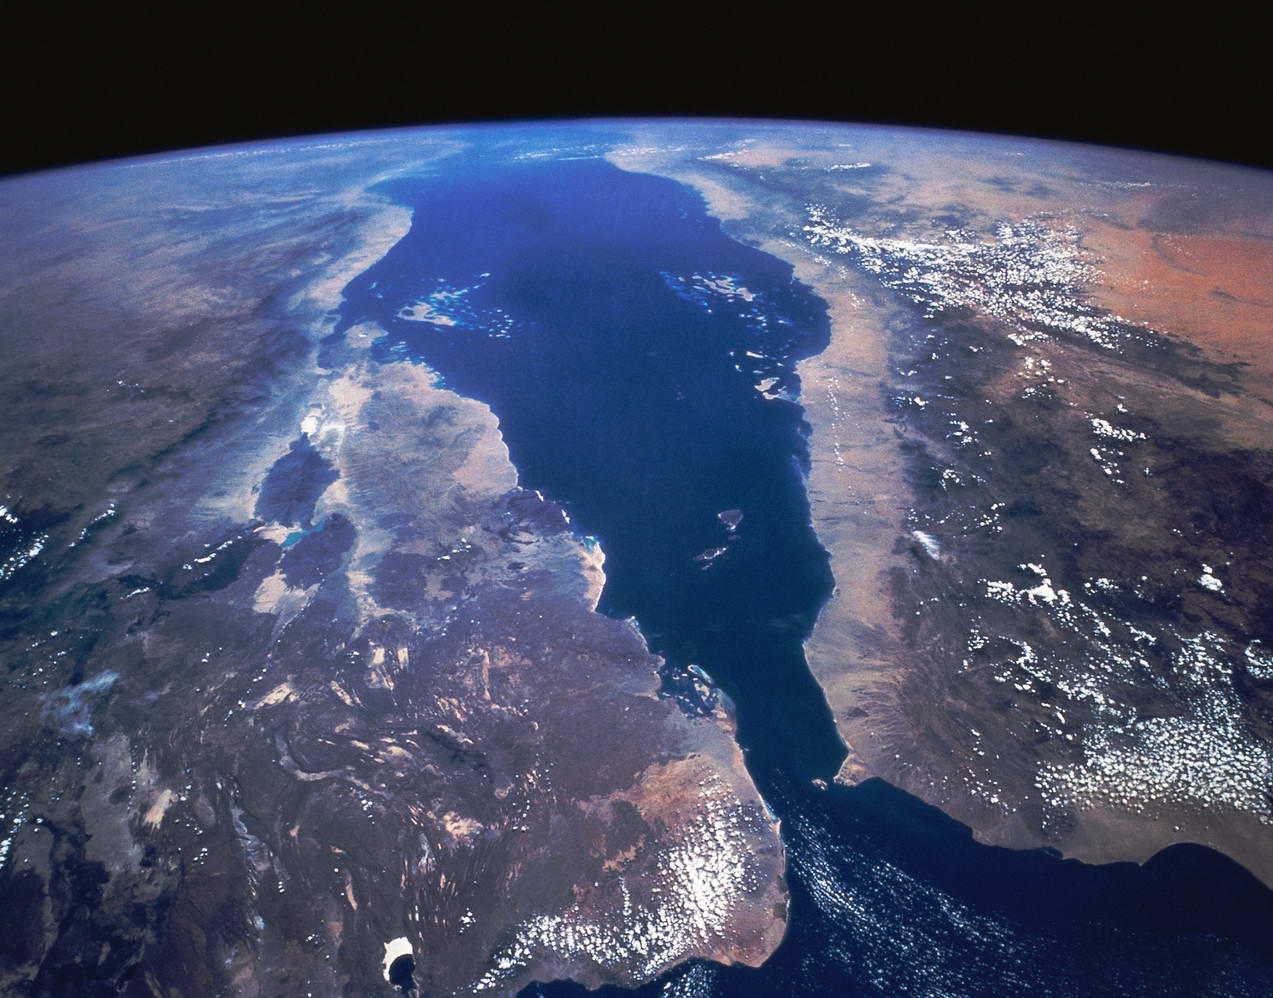 La terra fotografata dallo spazio 82